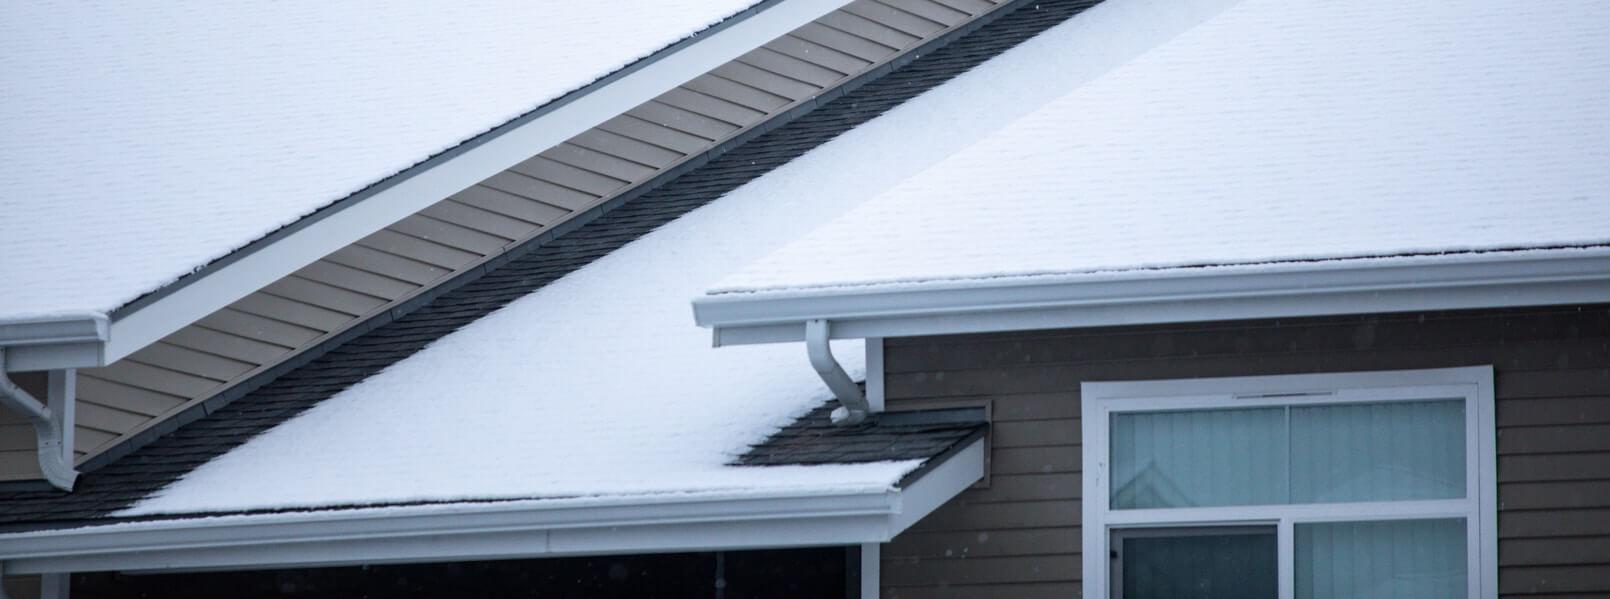 Comment Ventiler Un Garage Humide ventilation de toiture - pour un toit en santé et sans problèmes